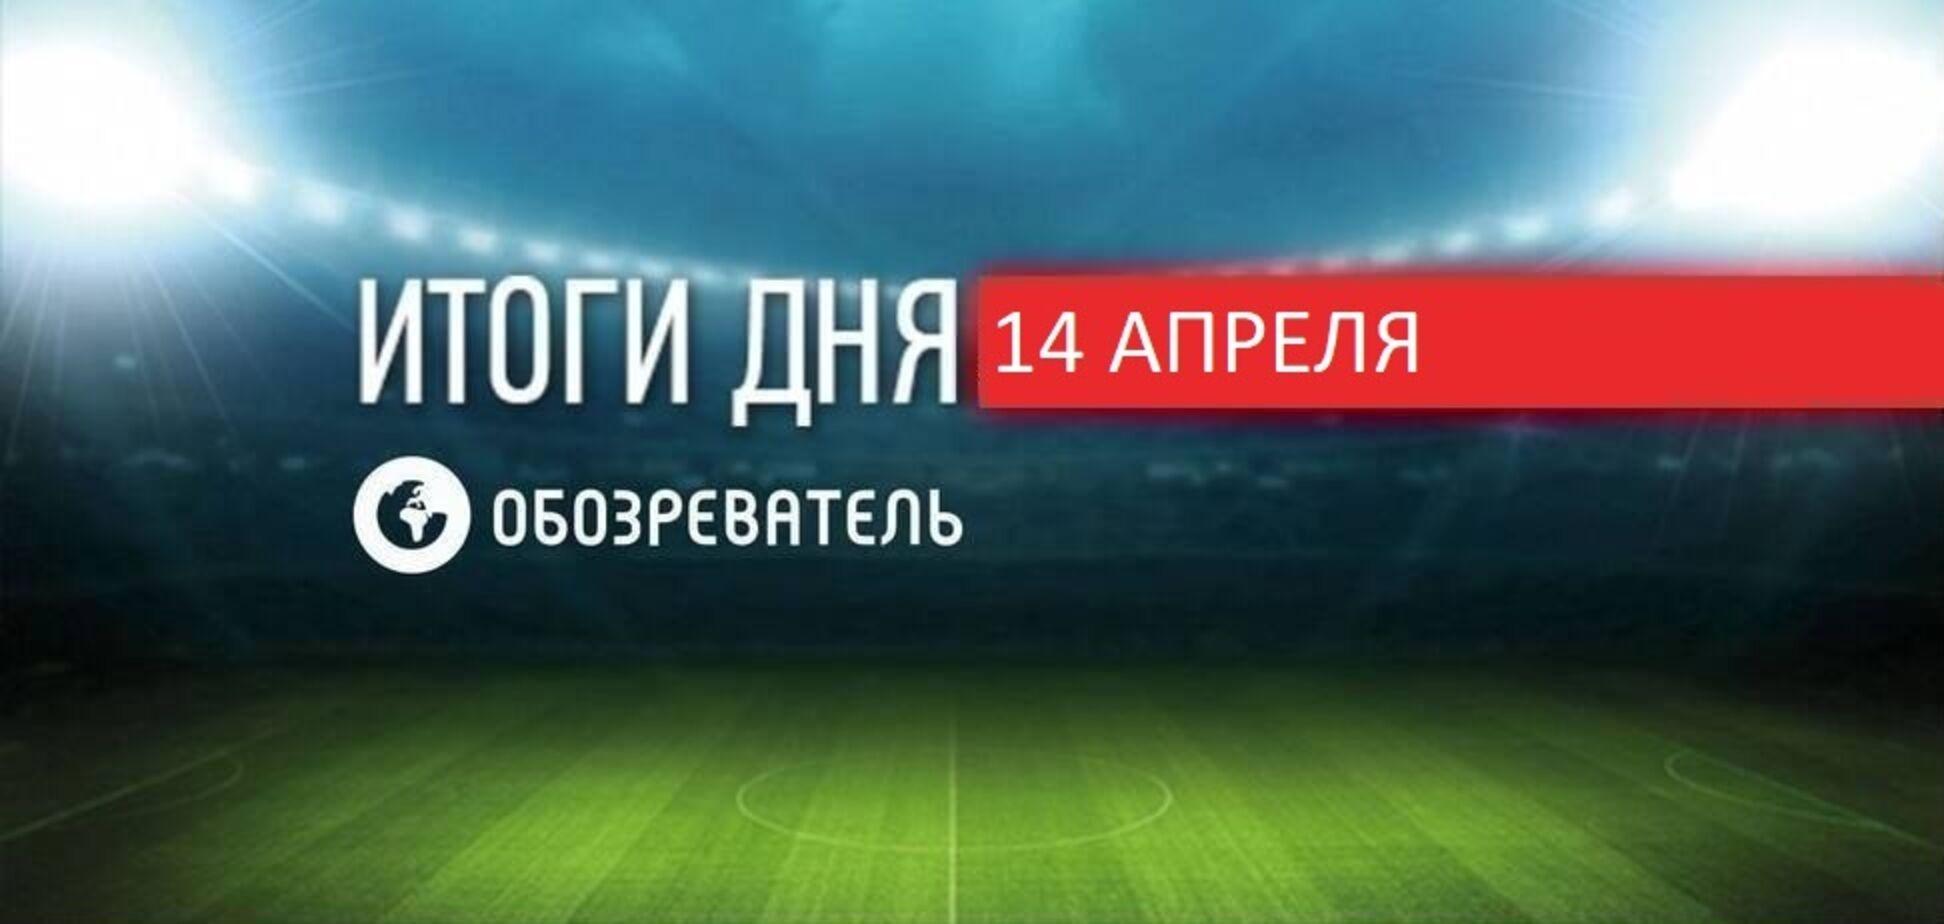 Новости спорта 14 апреля: определились полуфиналисты ЛЧ, Усик и Ломаченко провели кибербой